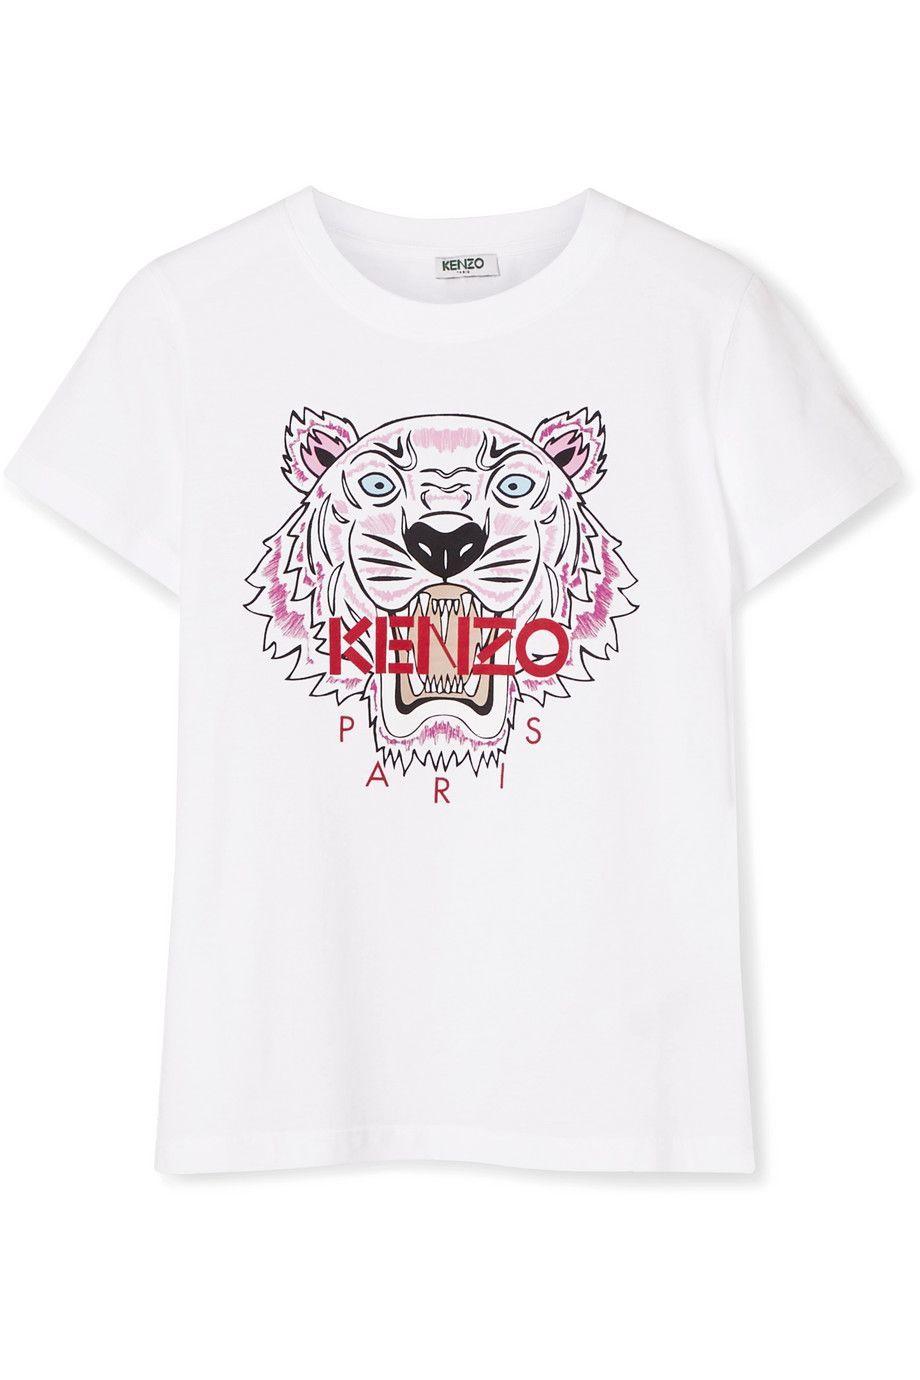 #PopbelaOOTD: Rekomendasi T-shirt Mewah Karya Desainer